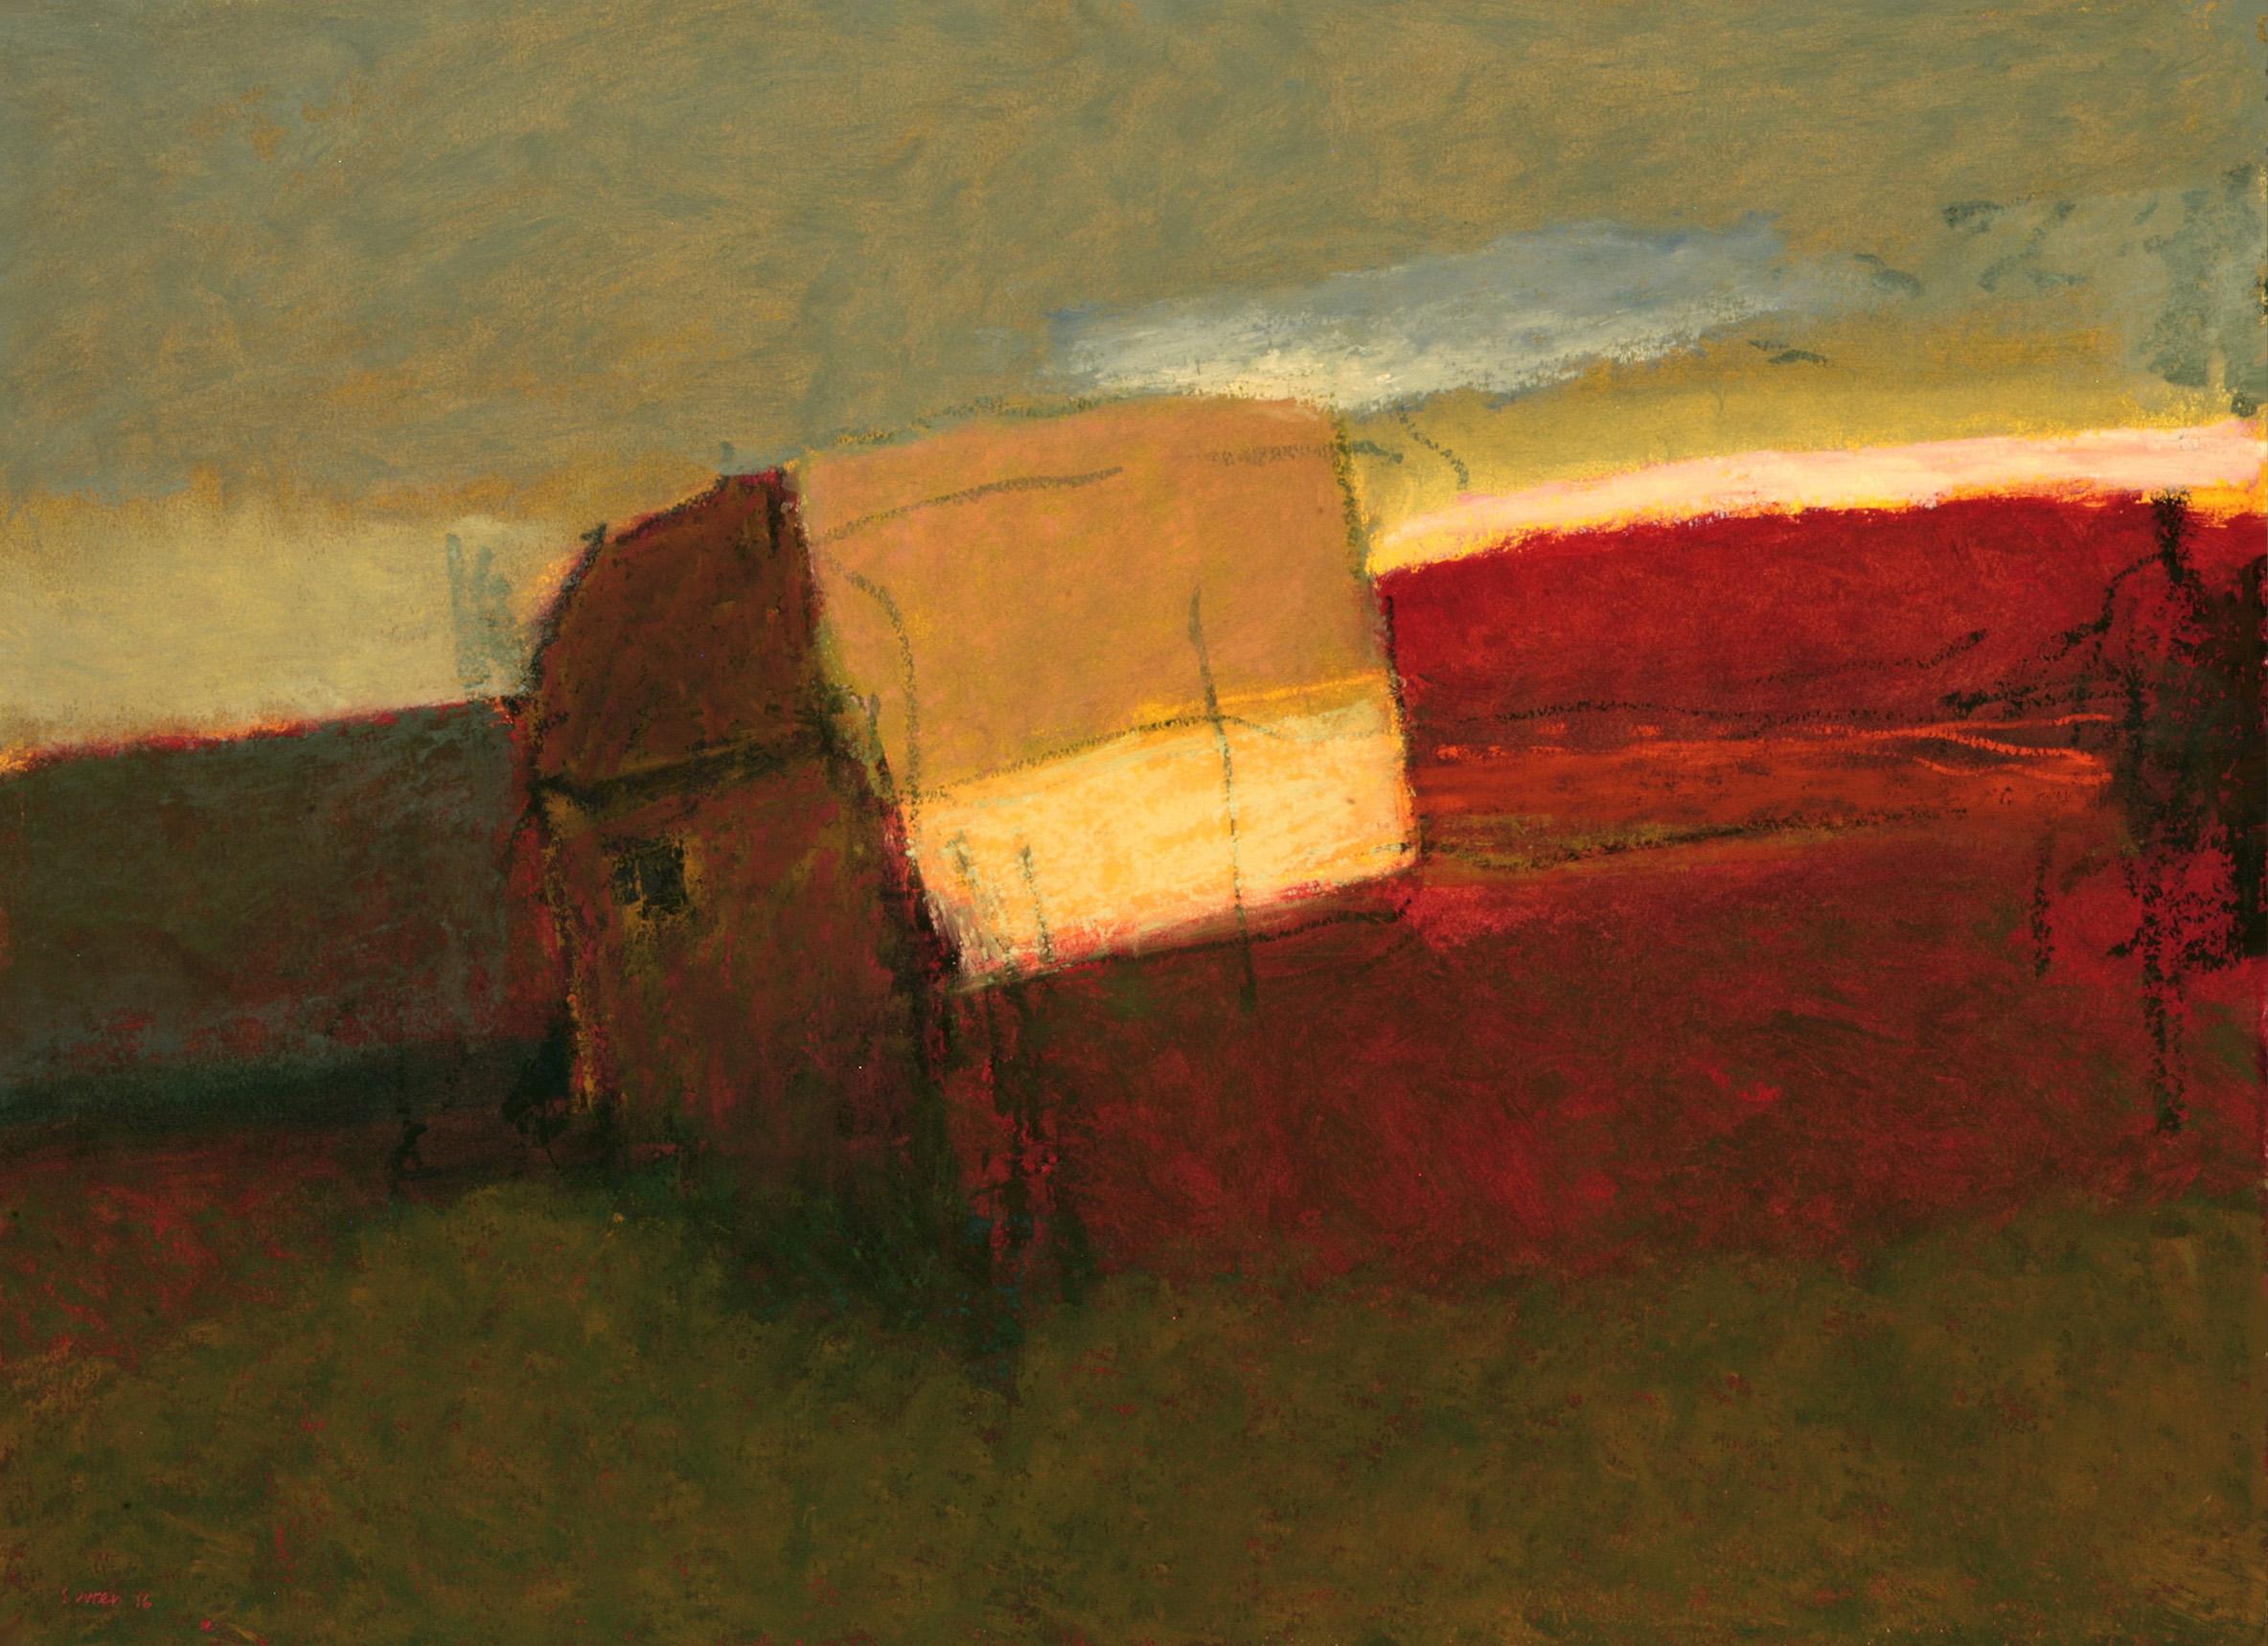 No. 1816 (22 x 30)